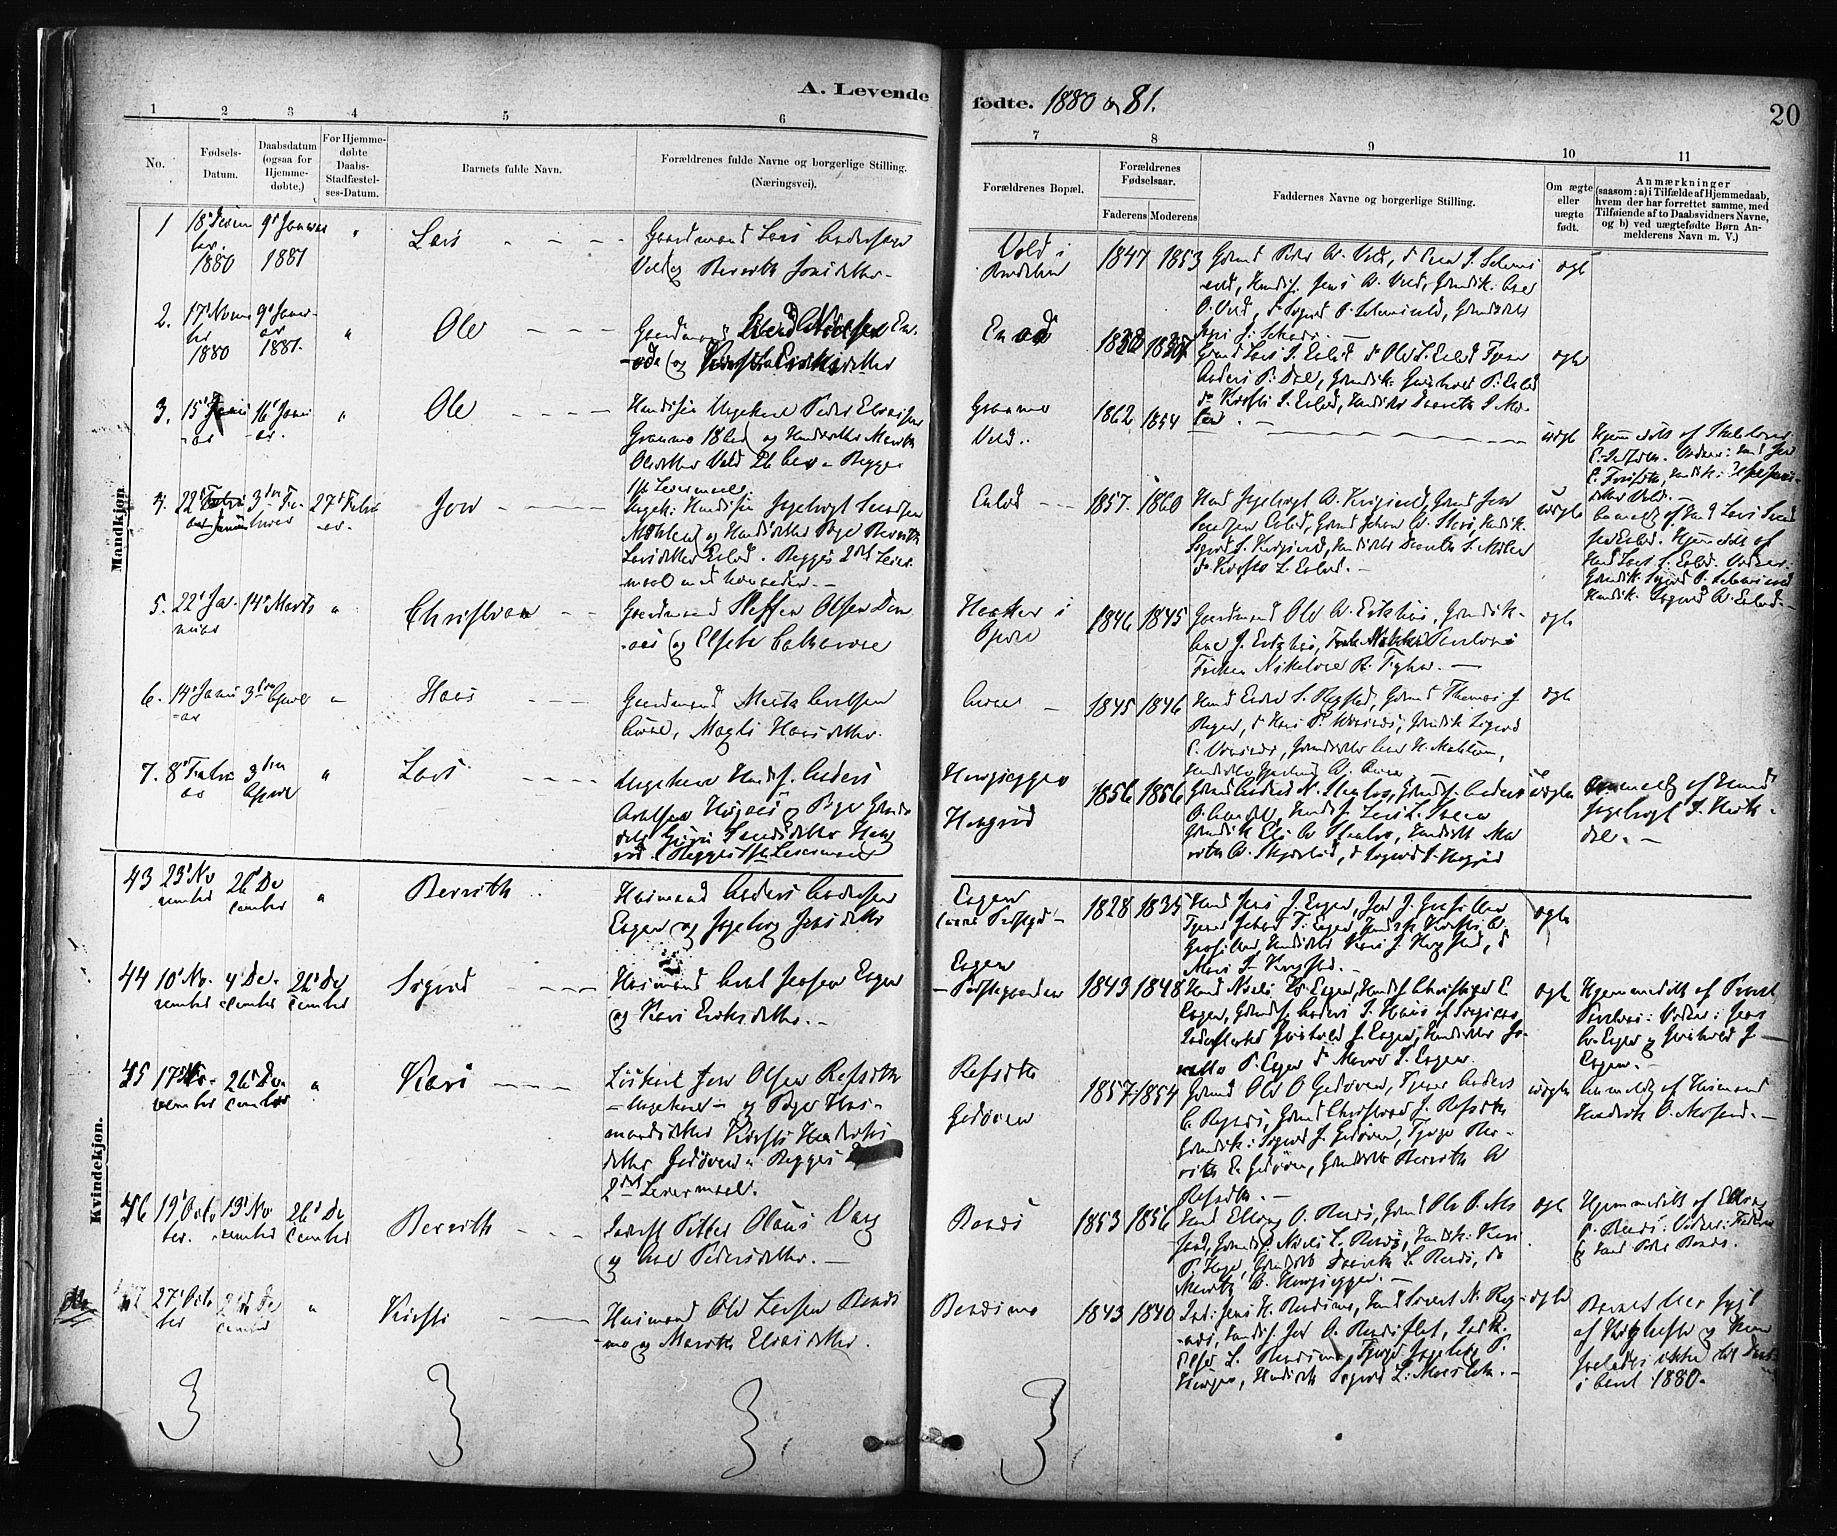 SAT, Ministerialprotokoller, klokkerbøker og fødselsregistre - Sør-Trøndelag, 687/L1002: Ministerialbok nr. 687A08, 1878-1890, s. 20